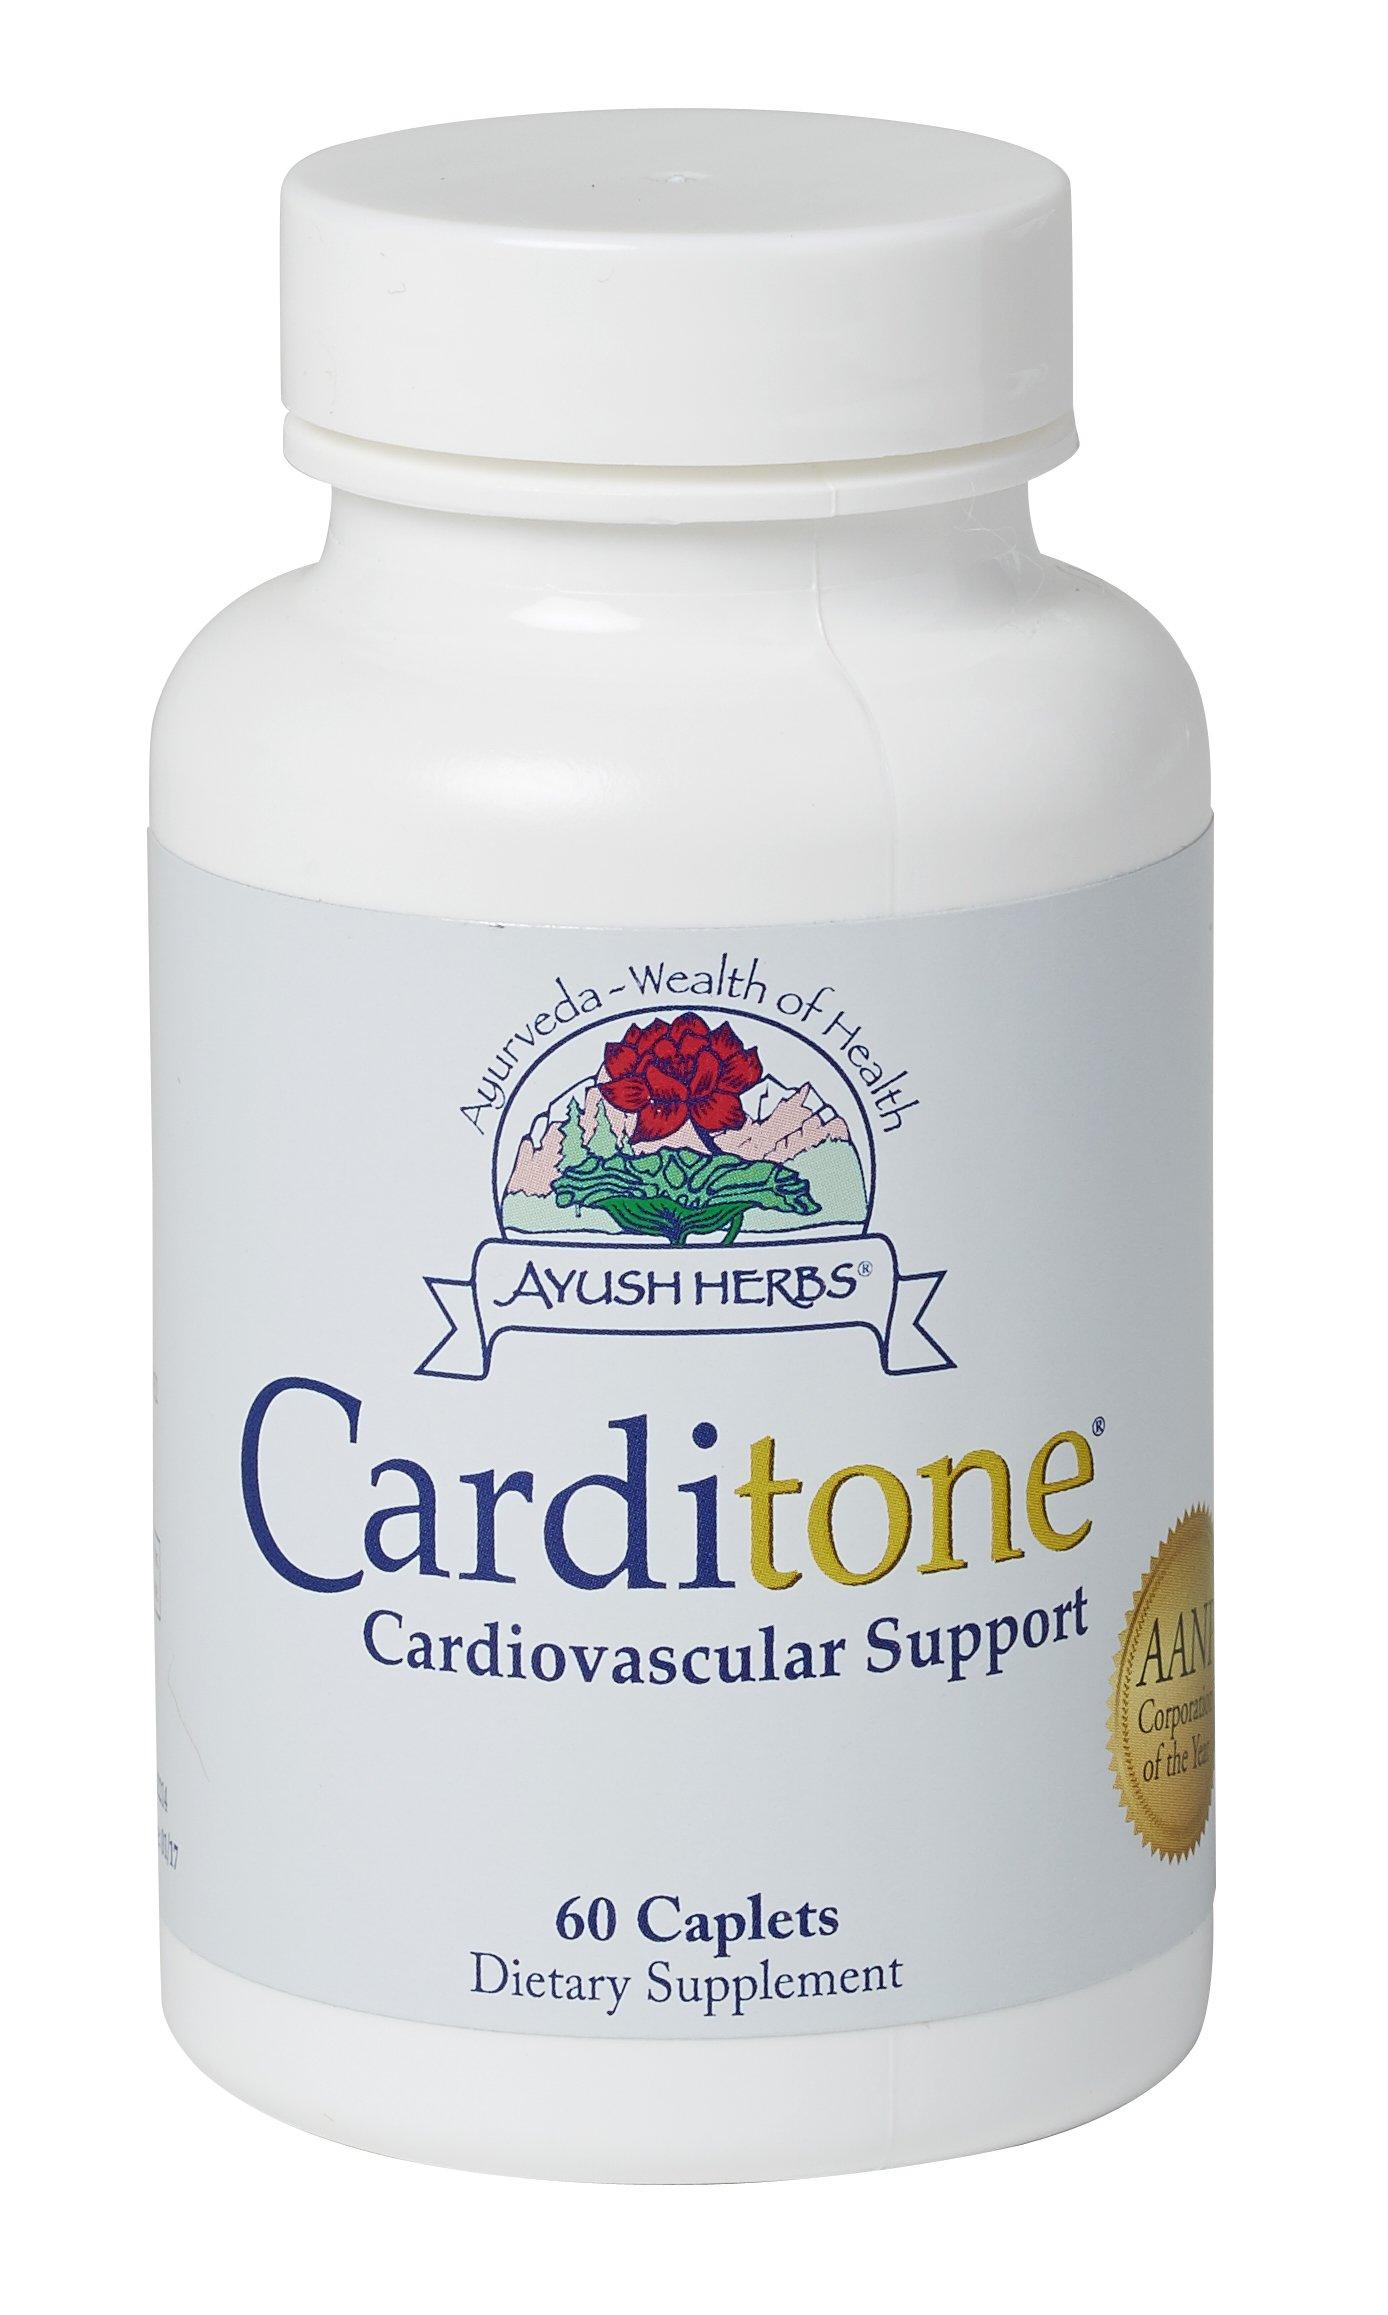 Carditone 60 caplets